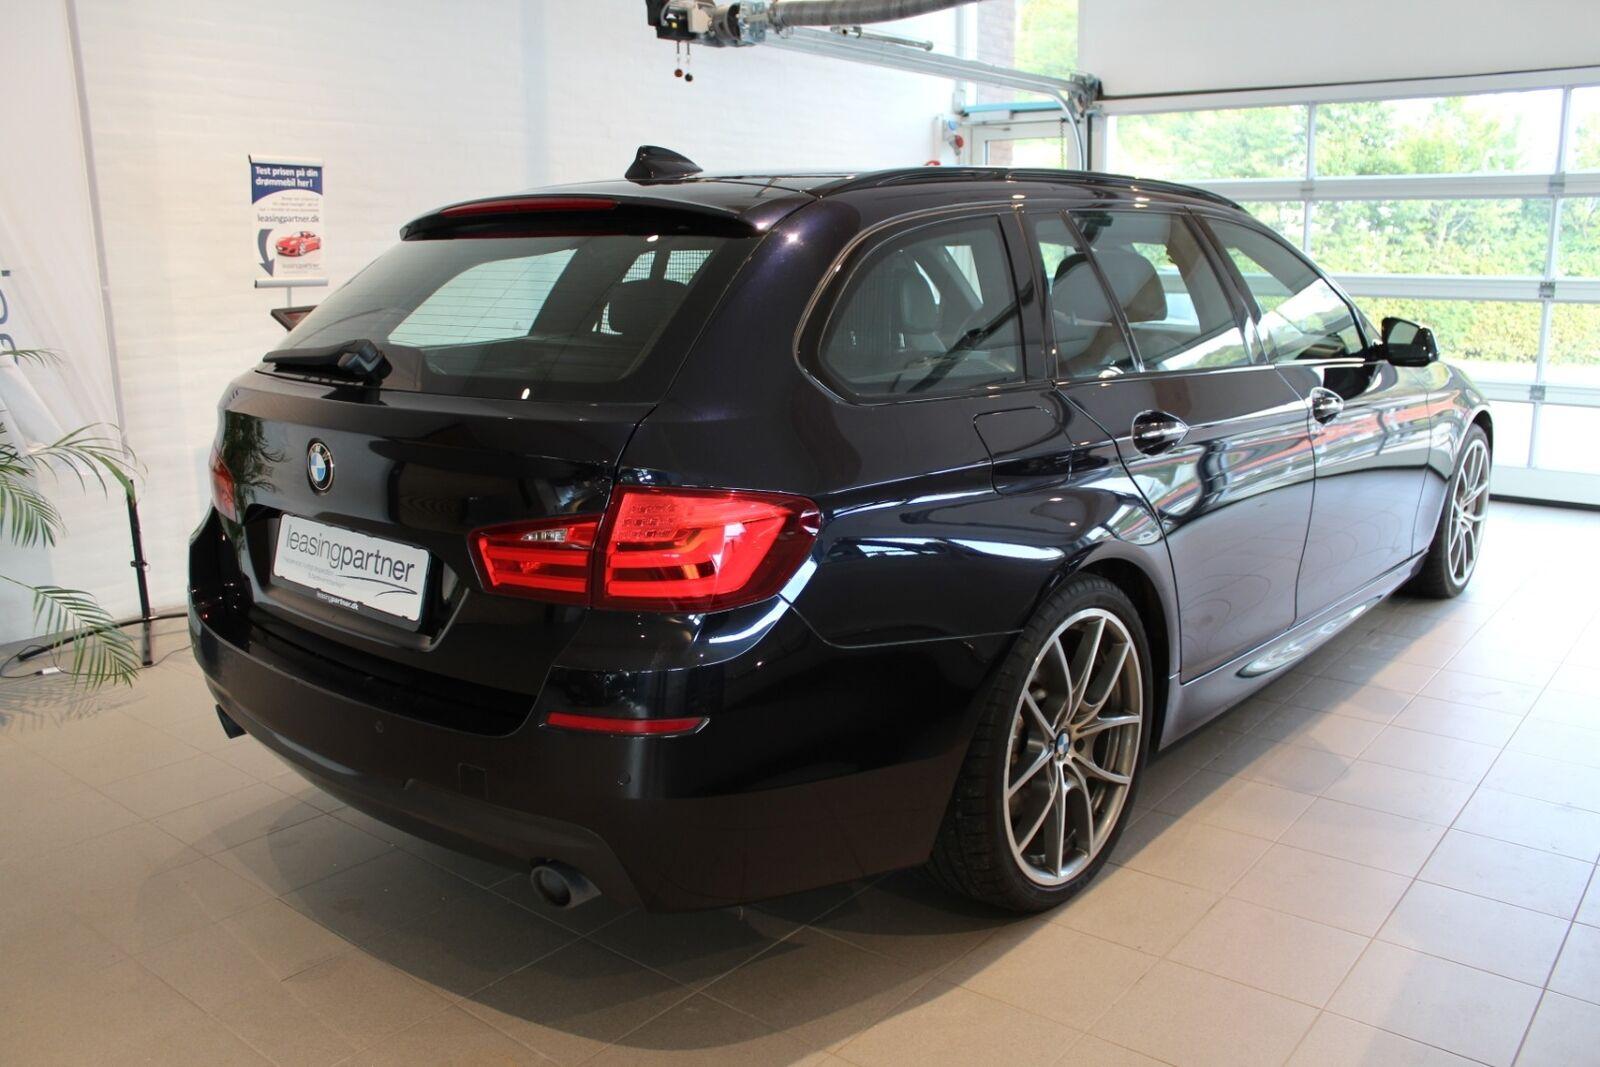 BMW 535d 3,0 Touring M-Sport xDrive aut. 5d, Mørkblåmetal